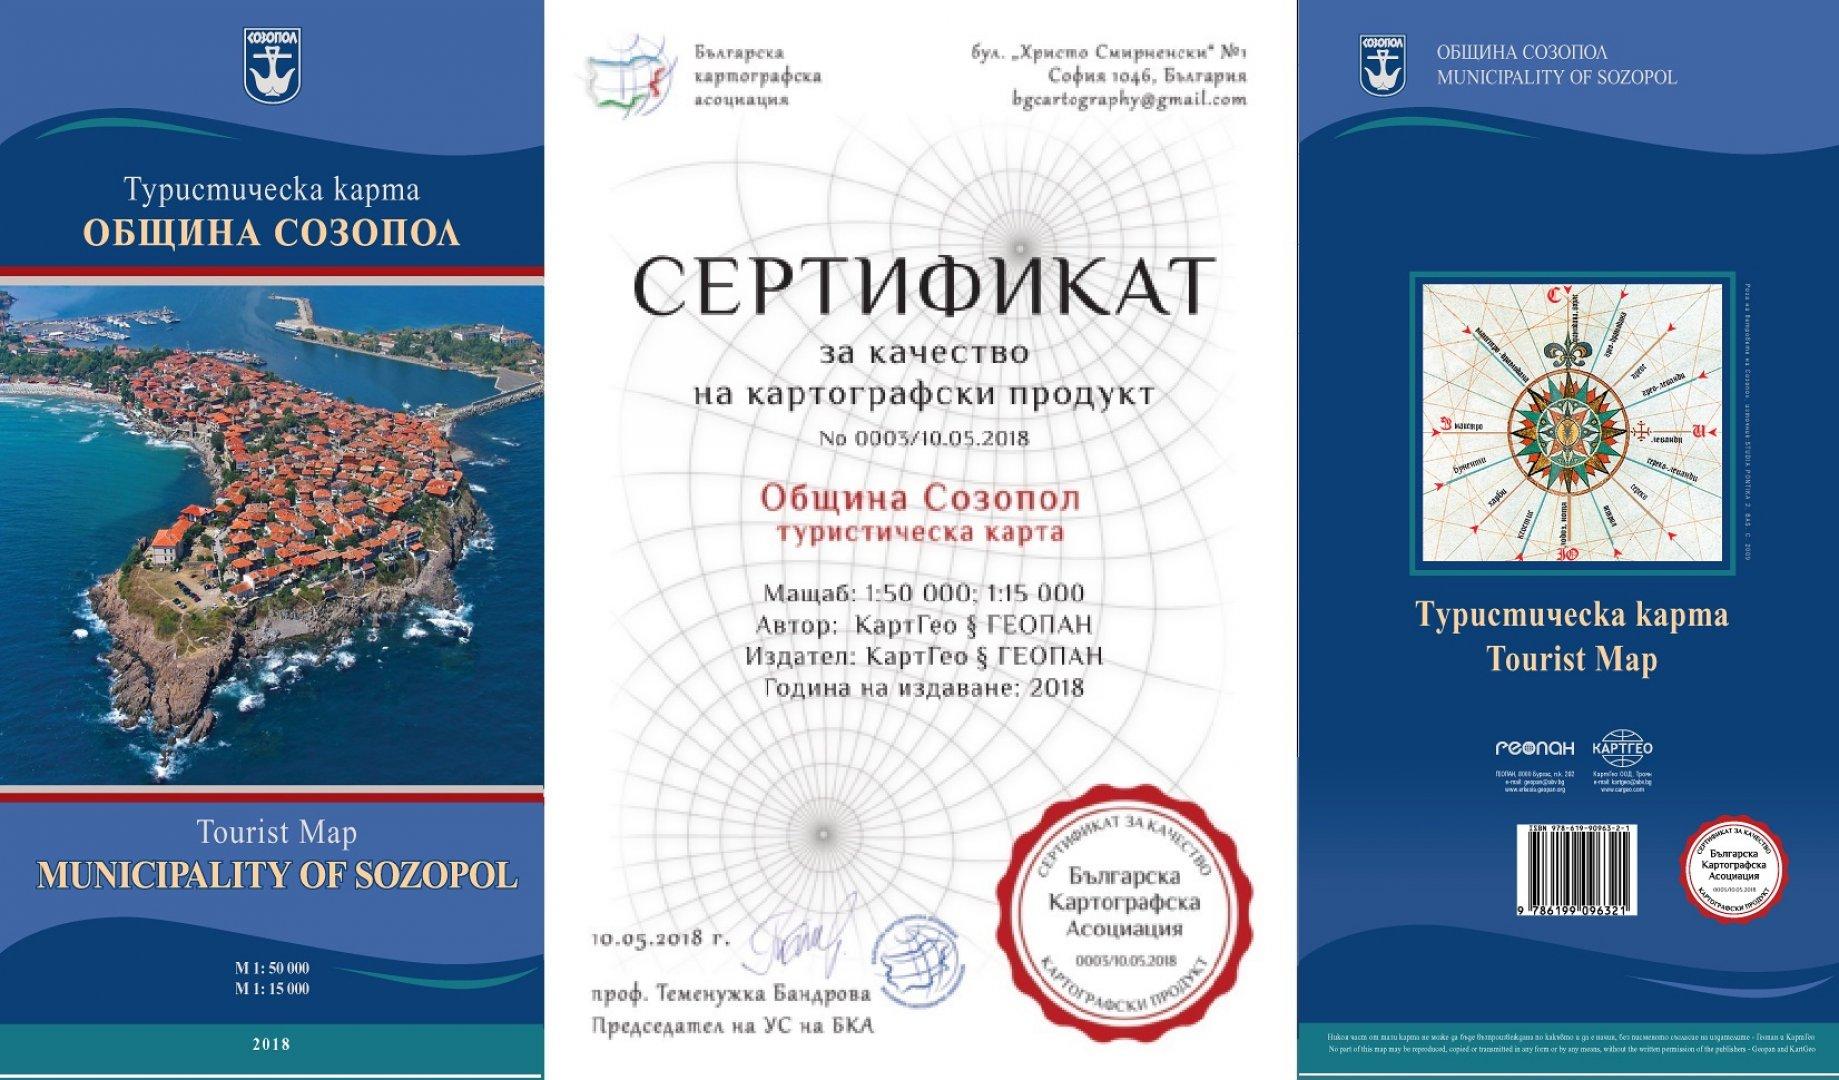 Туристическа карта на Созопол е с първия сертификат за качество на картографско издание за българска черноморска община